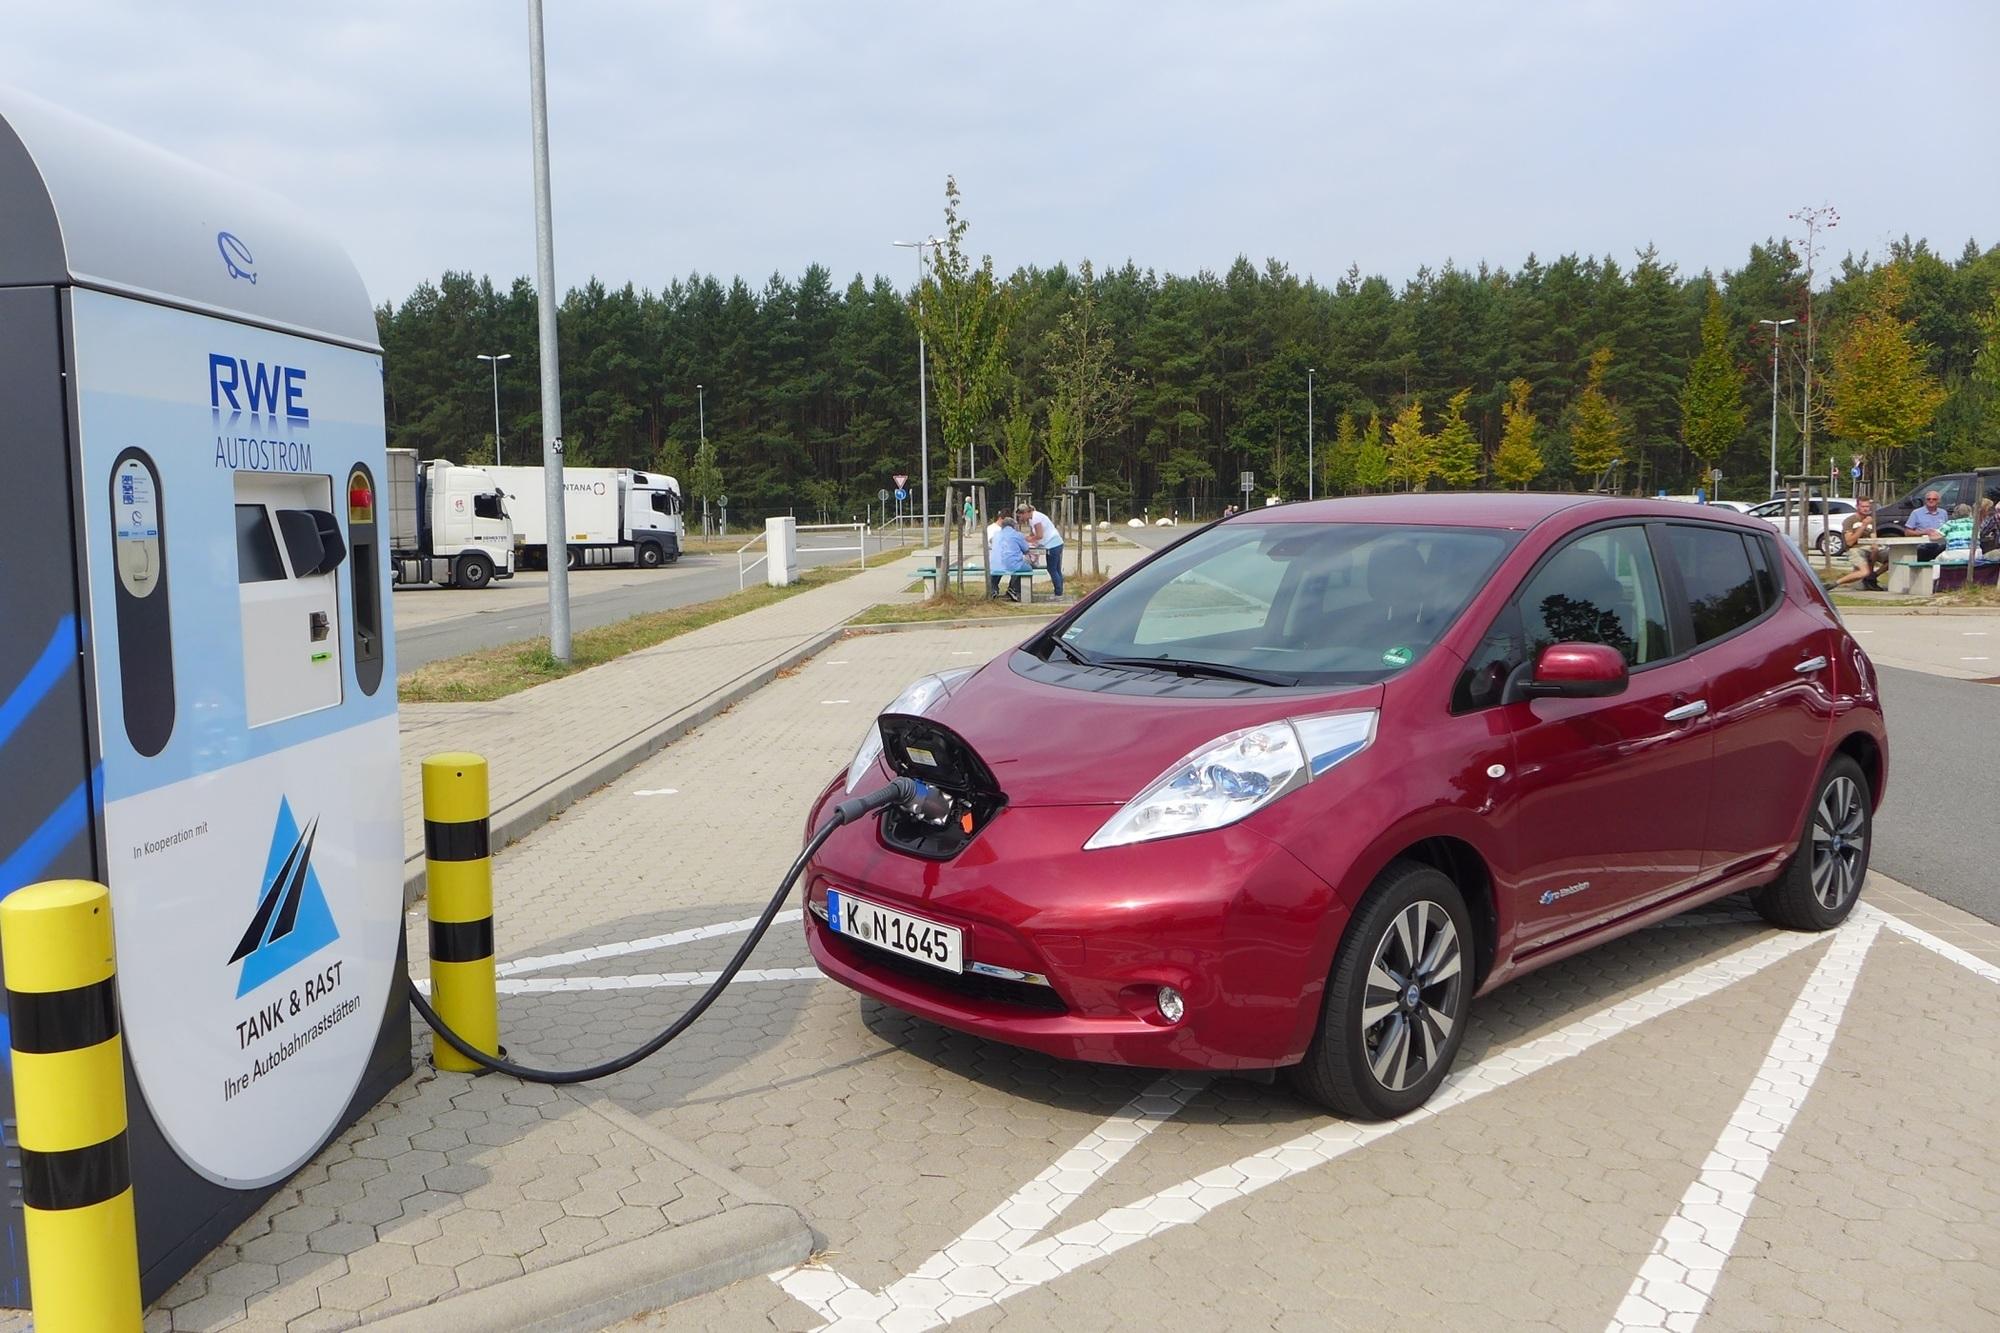 Elektroauto-Nutzung - Externe Anreize entfalten kaum Wirkung